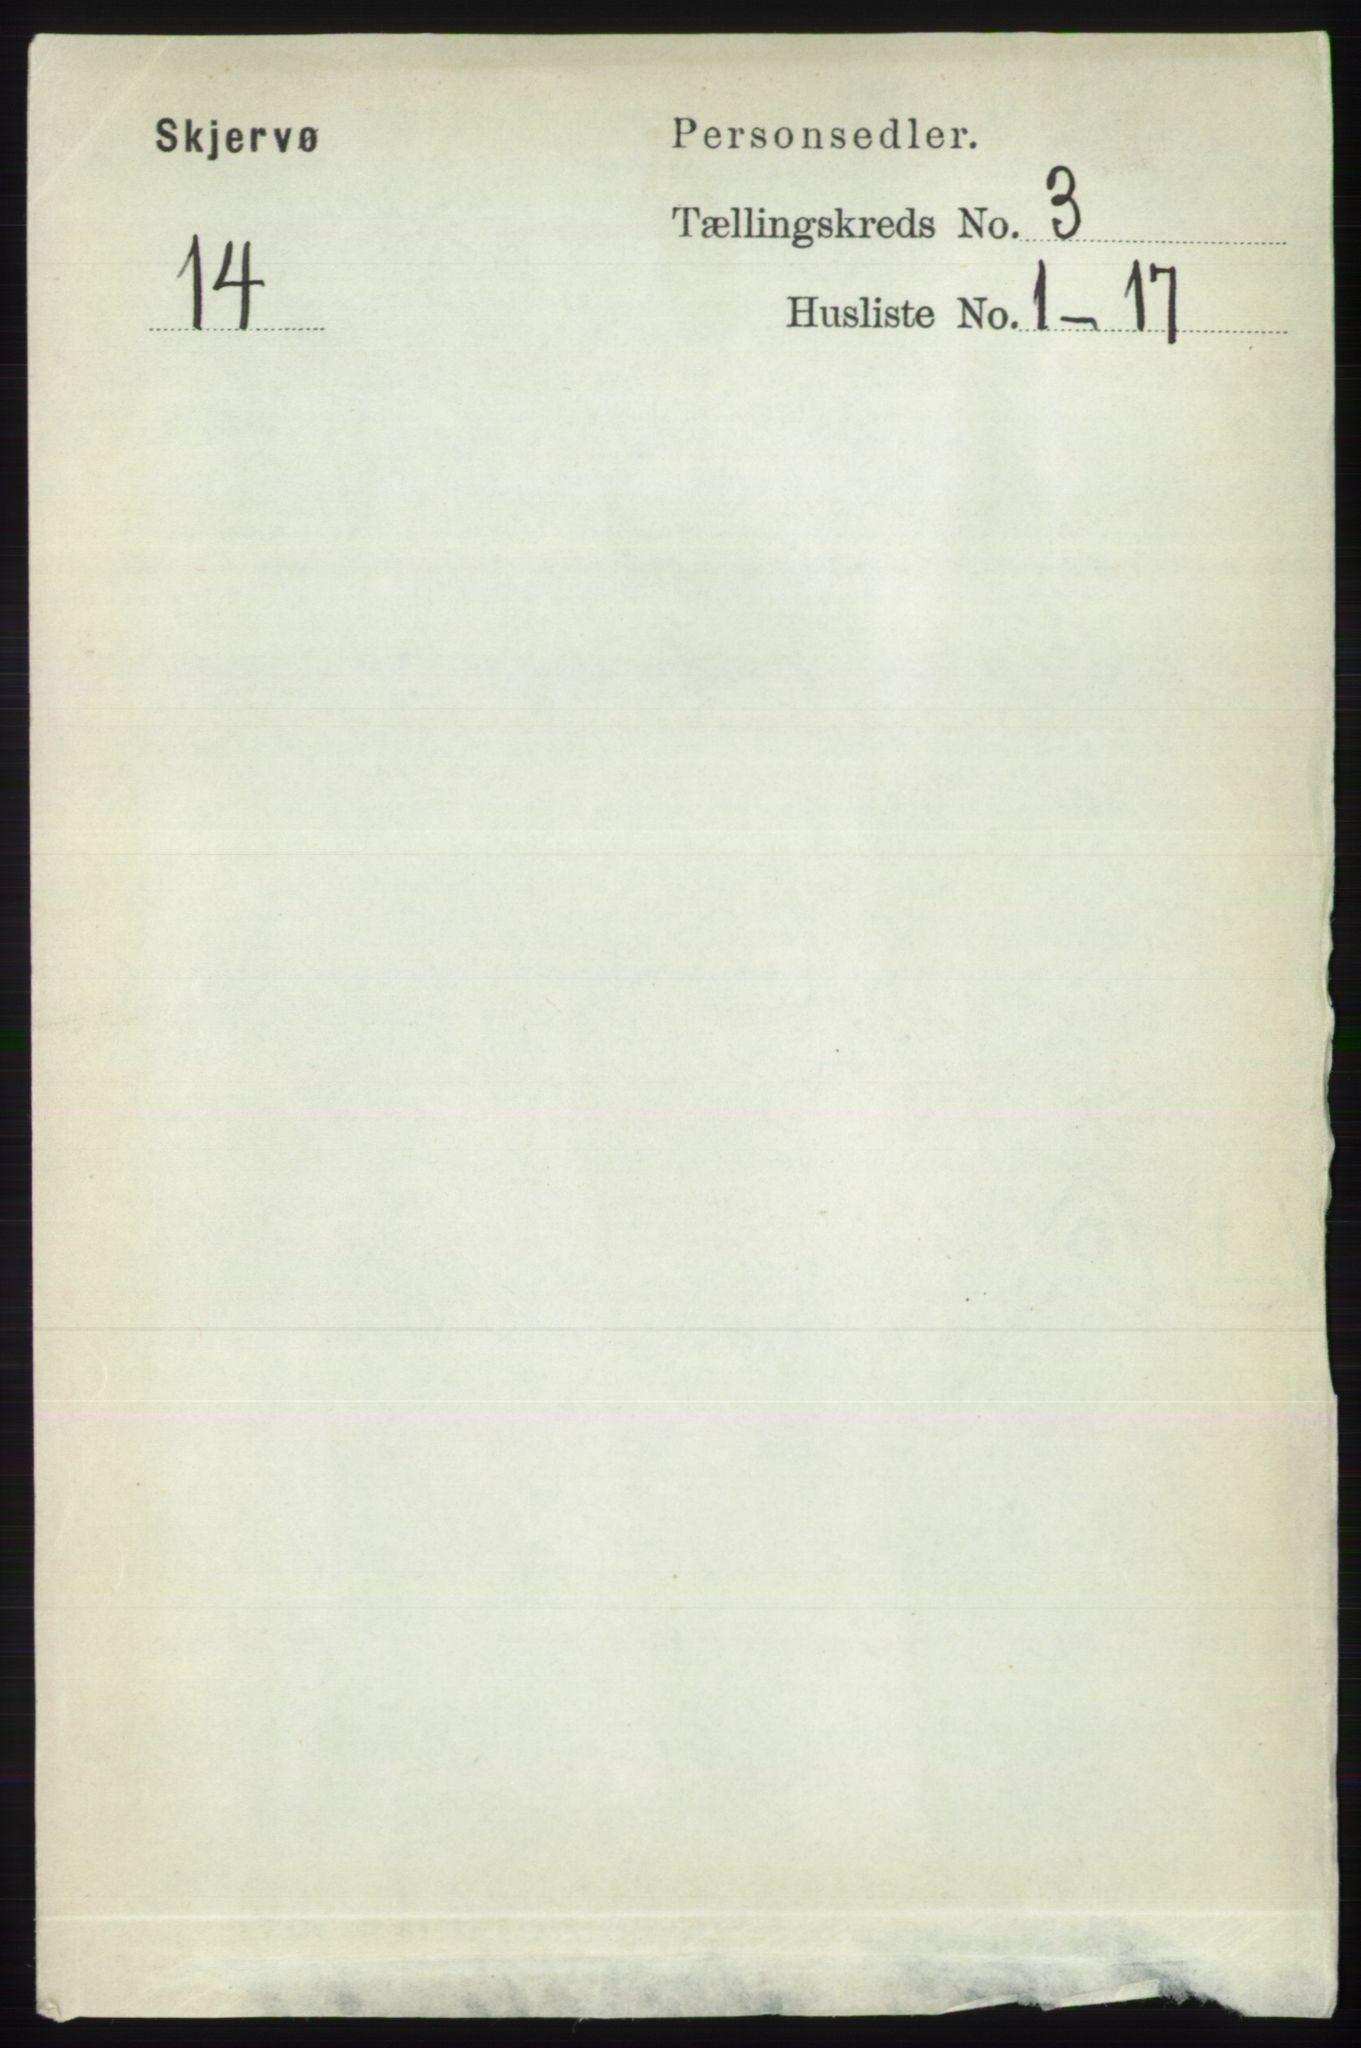 RA, Folketelling 1891 for 1941 Skjervøy herred, 1891, s. 1846